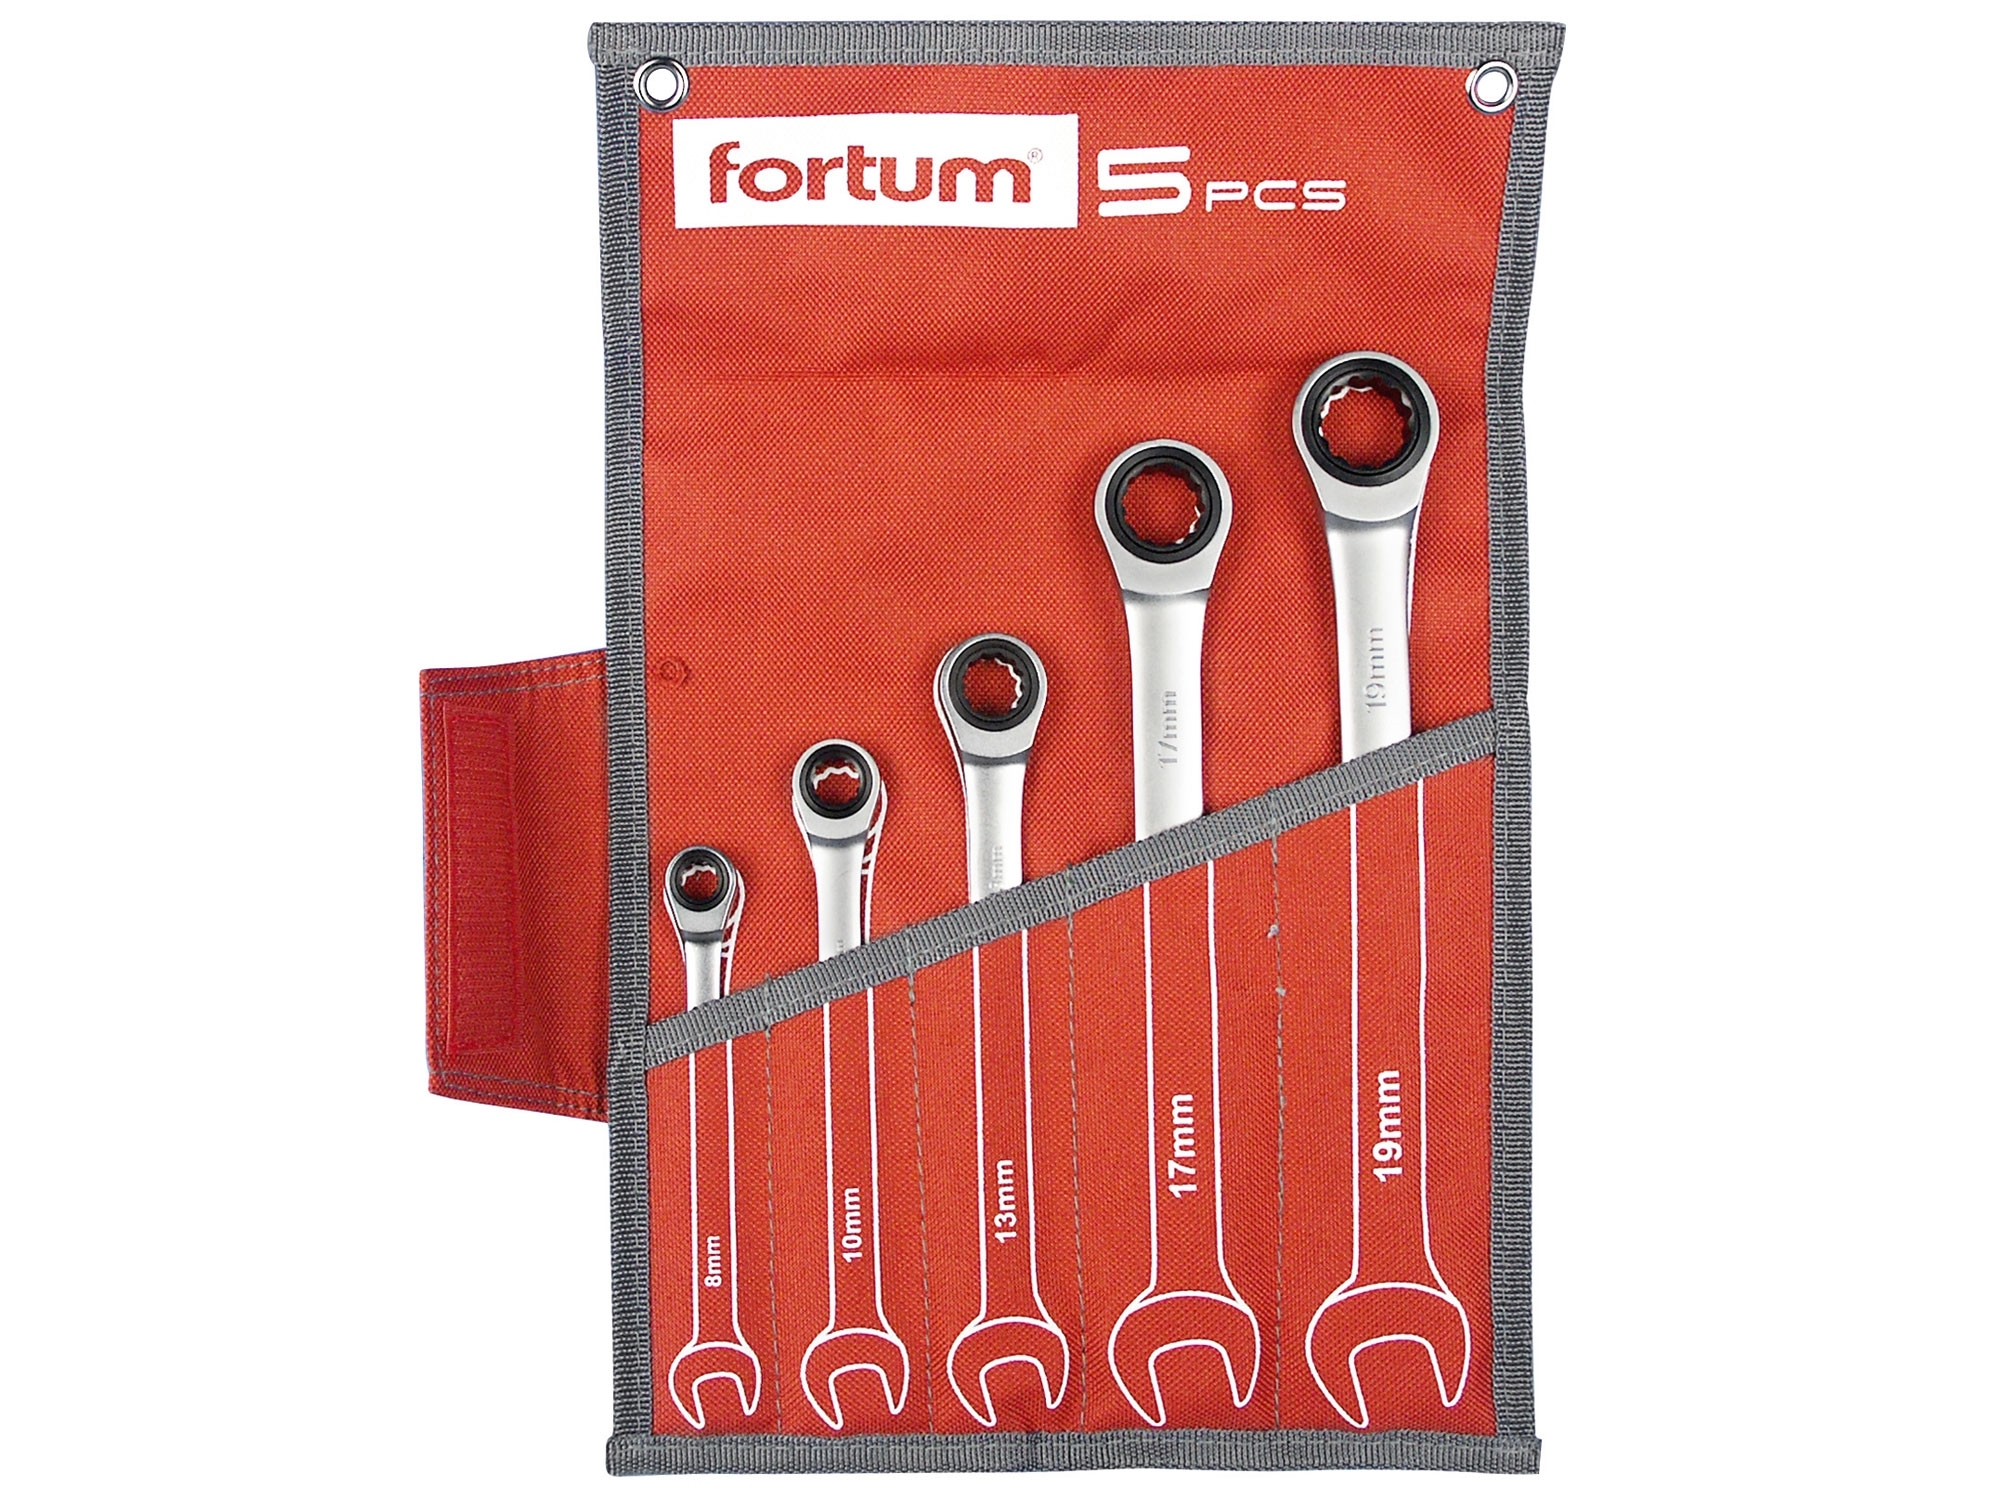 klíče ráčnové očkoploché, sada 5ks, 8-19mm, FORTUM 4720102